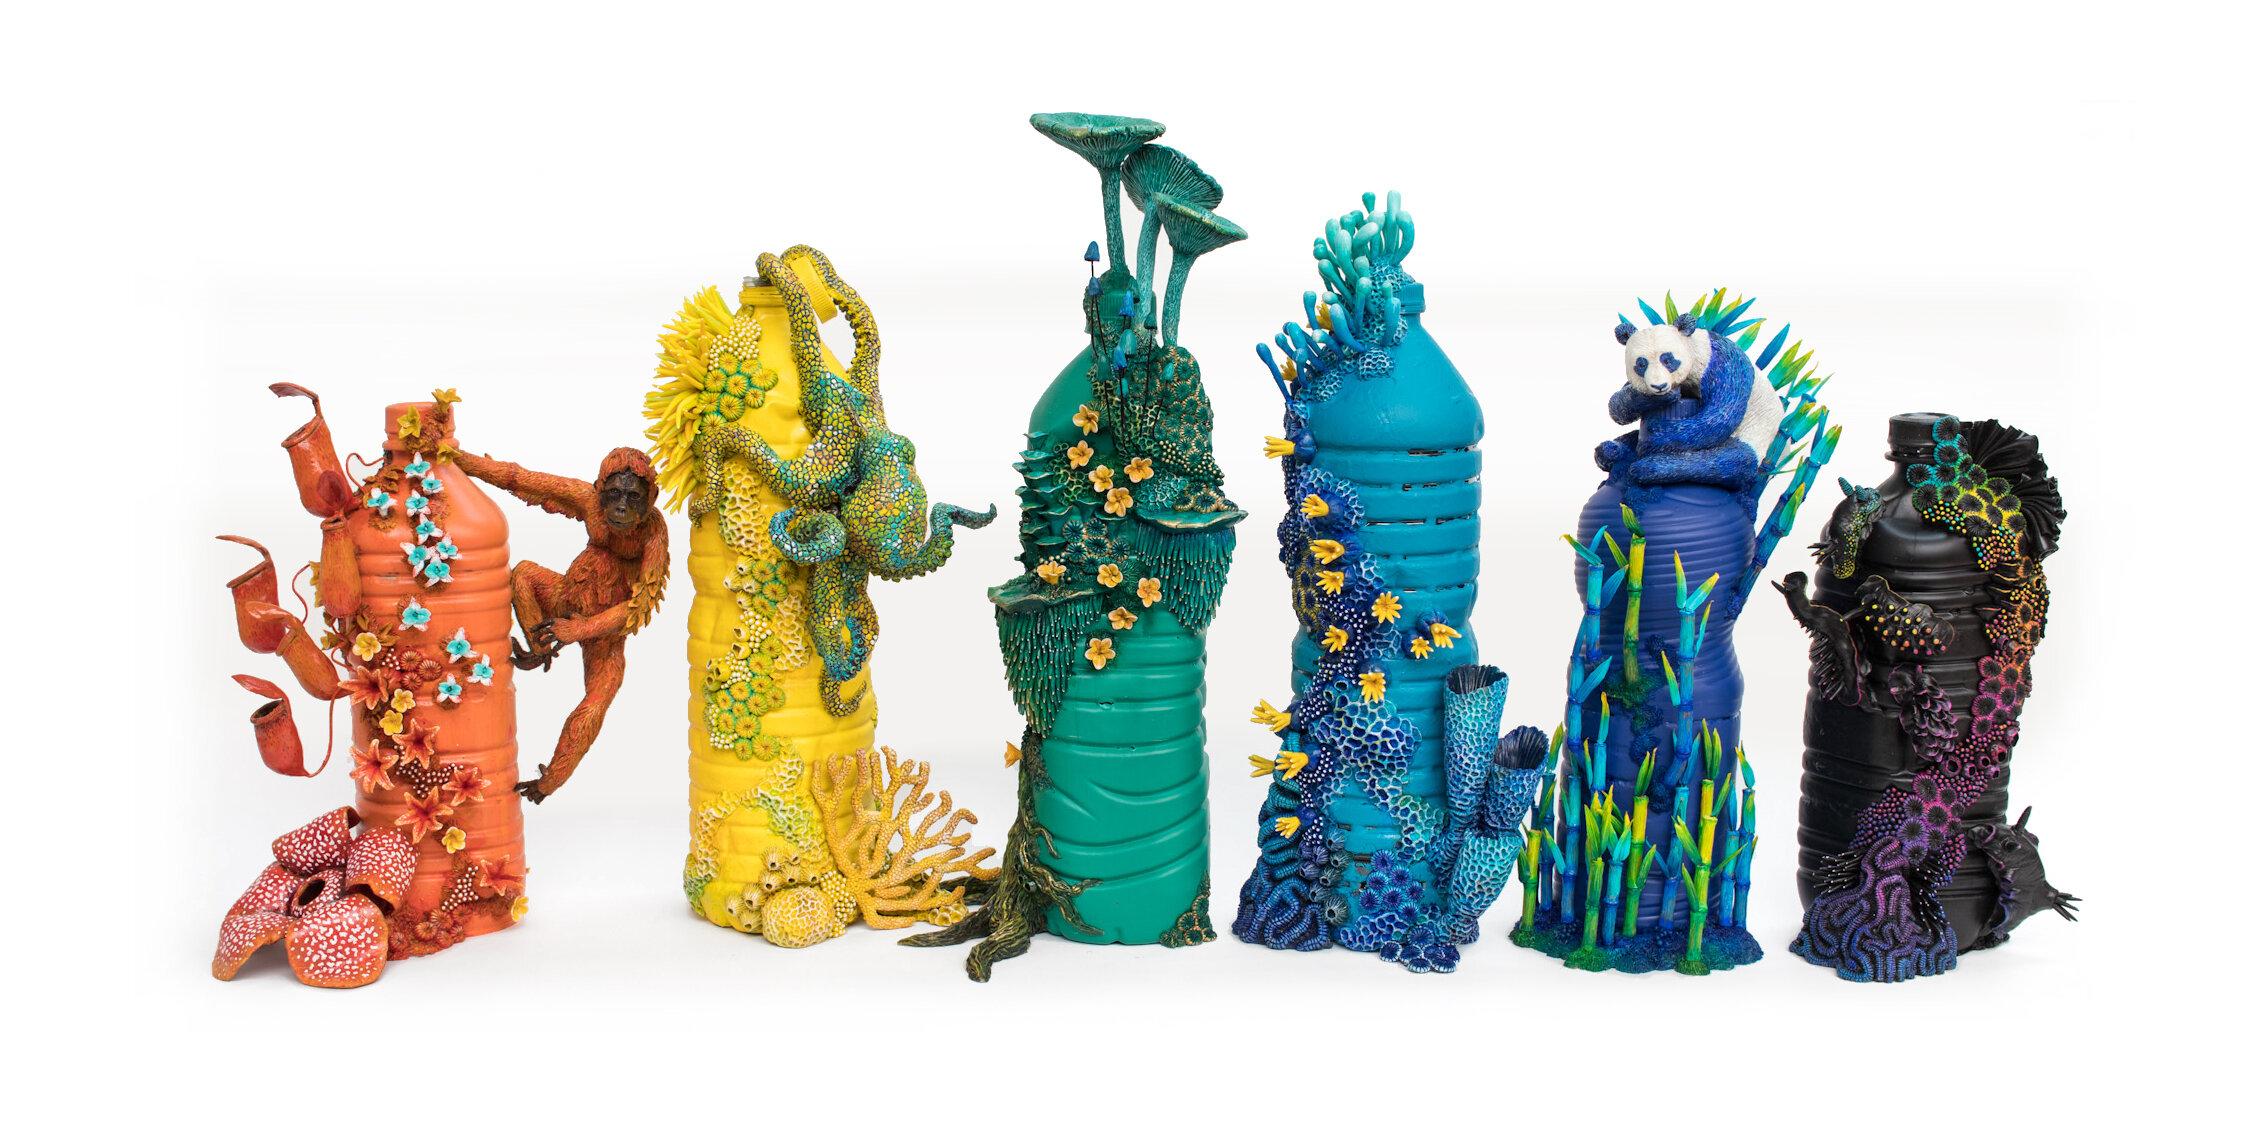 彩虹瓶,塑料瓶上的混合媒体,2020年,斯蒂芬妮·基尔加斯特(Stephanie Kilgast)